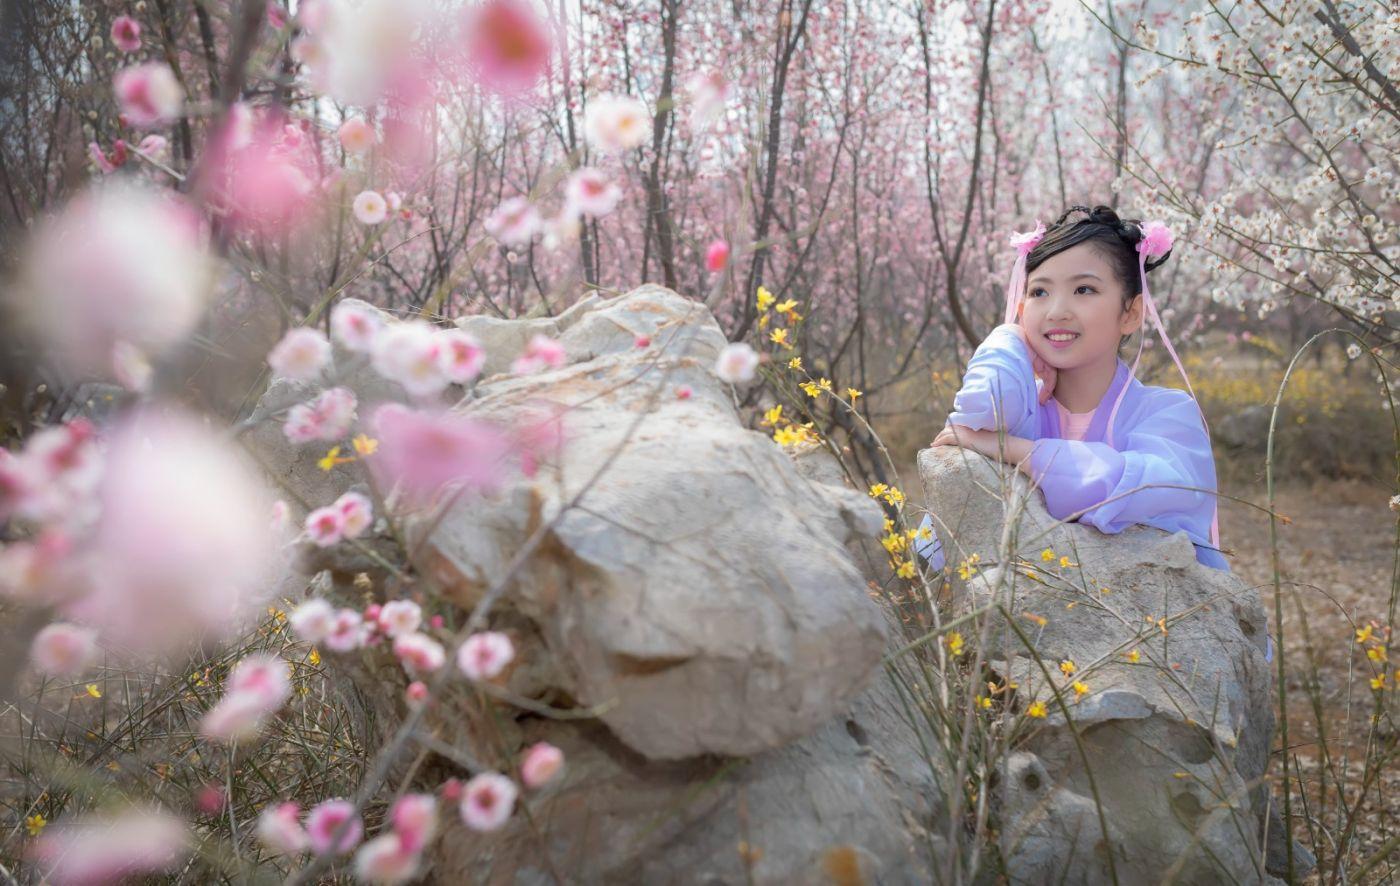 翟家小妮翟雅慧之春到梅园 花儿与少年系列 梅园尽显中国风_图1-15